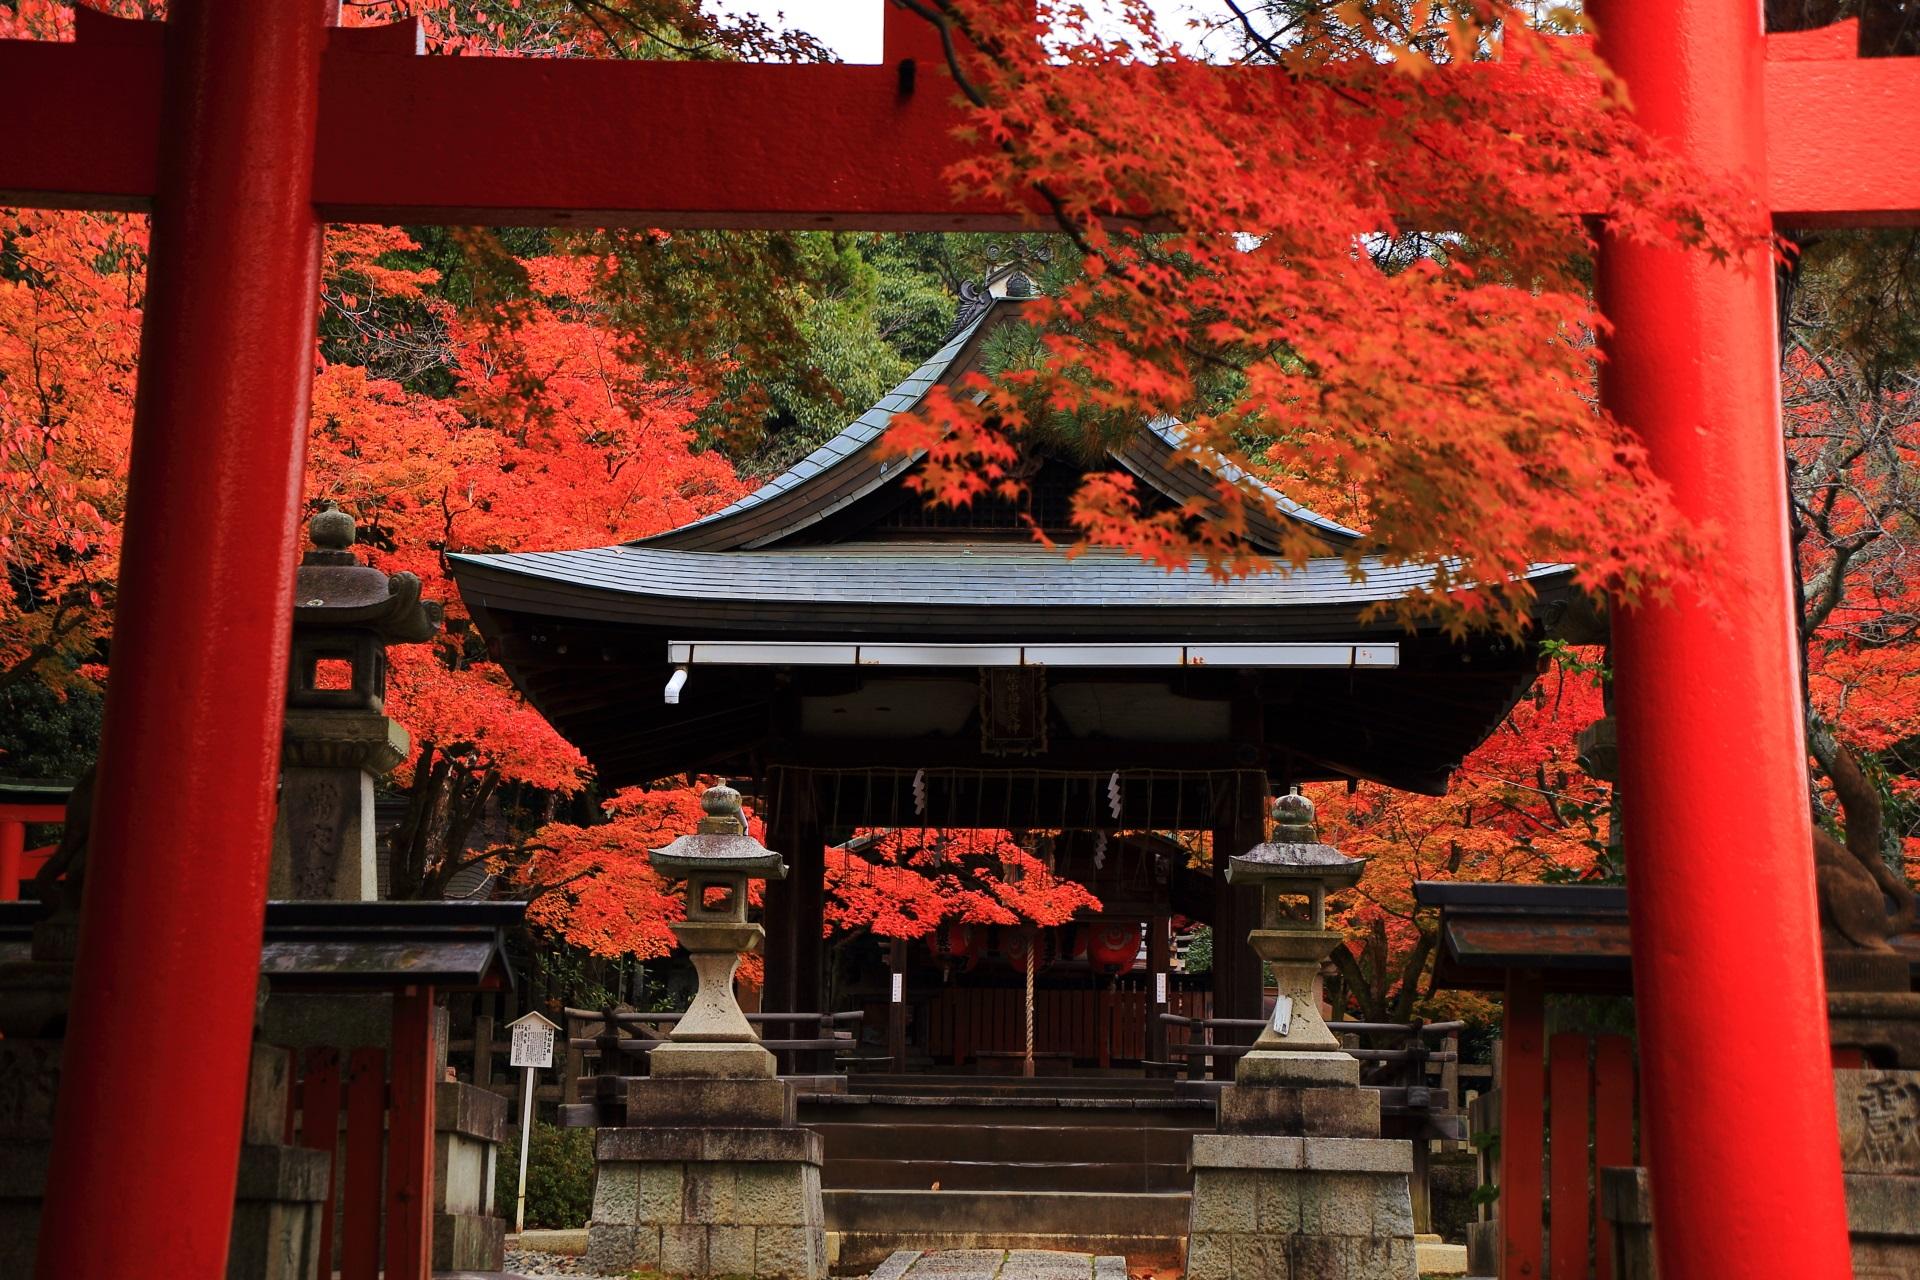 溢れる鮮やかな秋色につつまれる竹中稲荷神社の拝殿